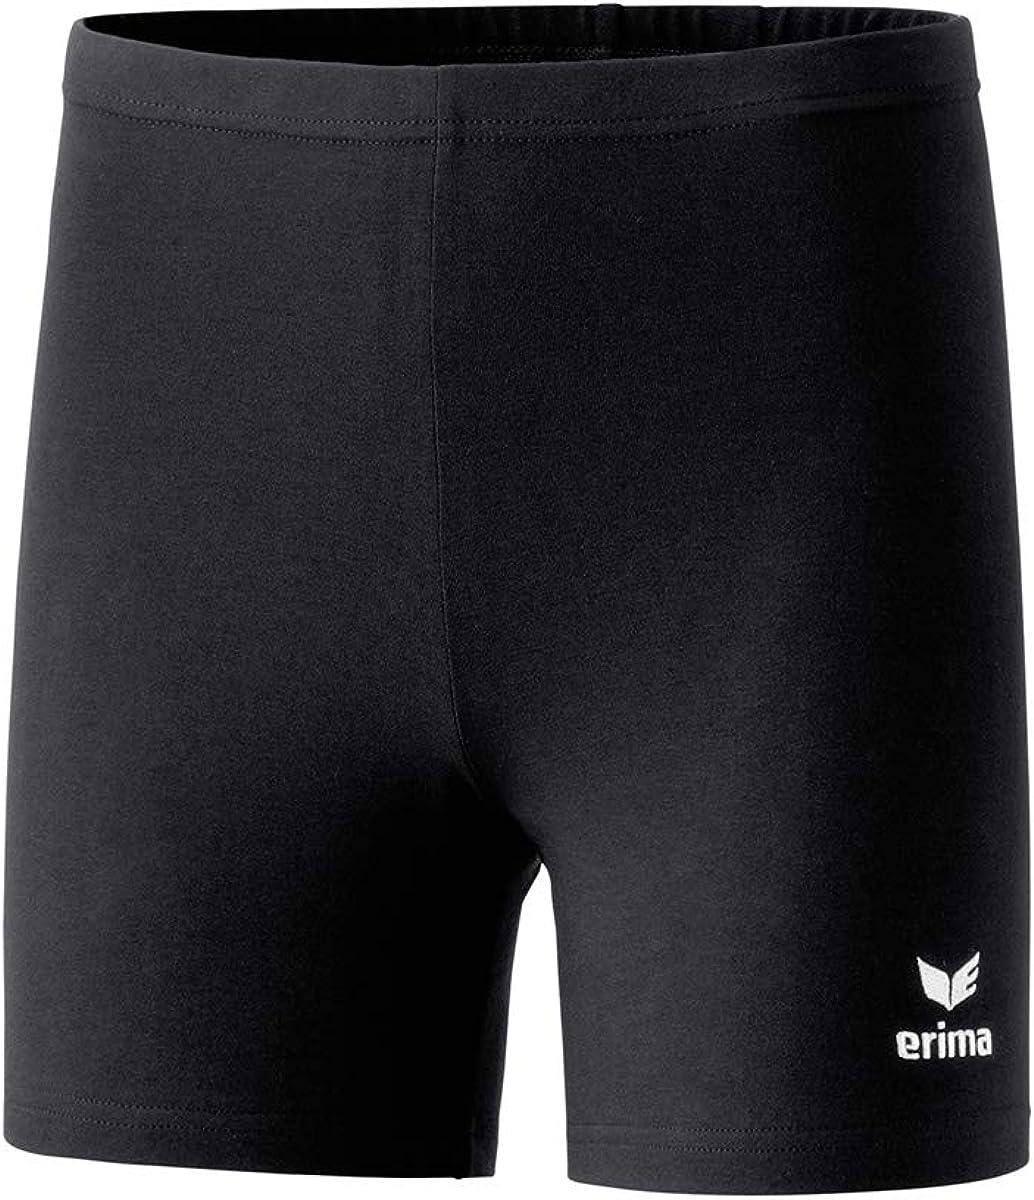 TALLA 48. erima Verona - Pantalones Cortos